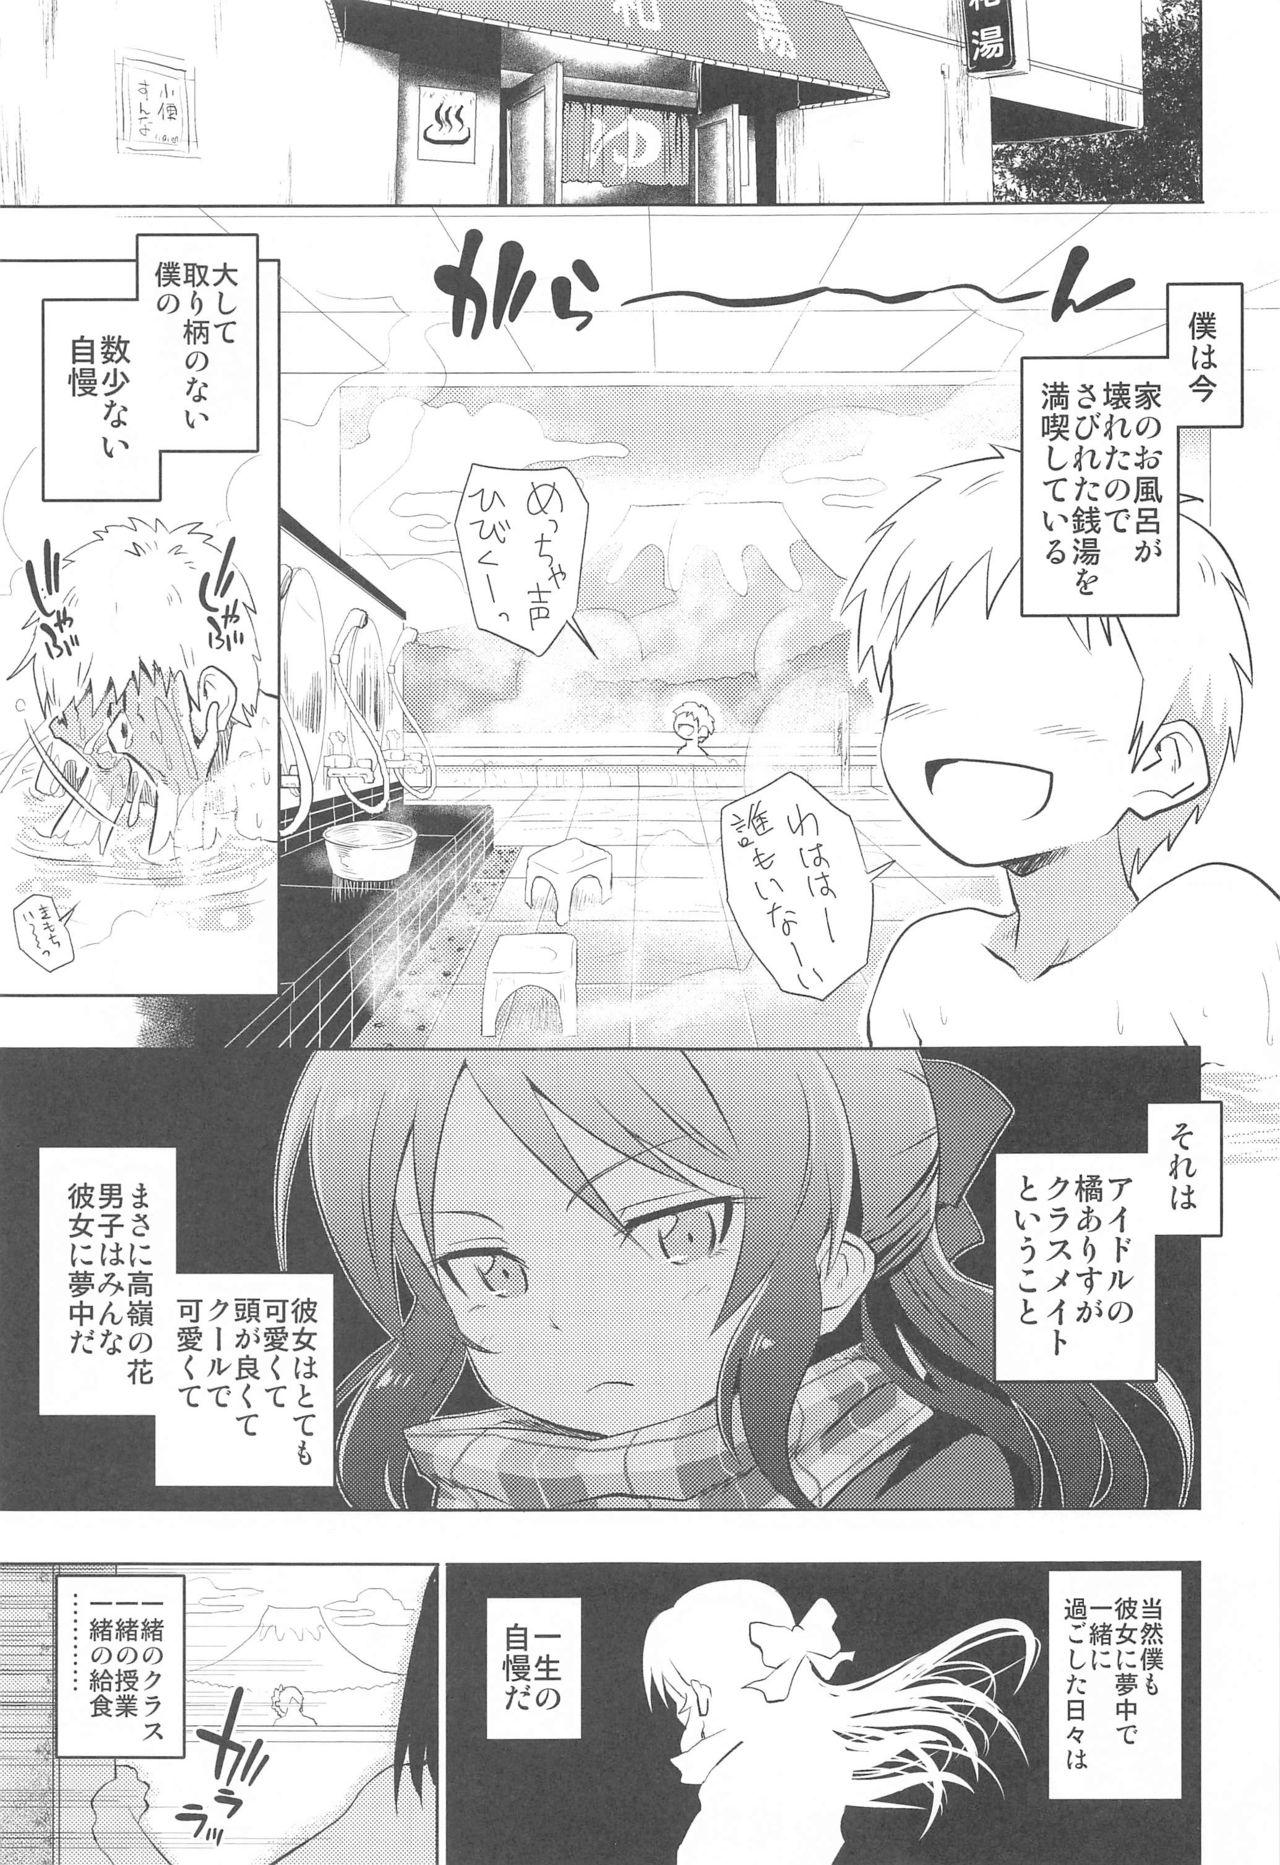 Arisu to Ofuro 1